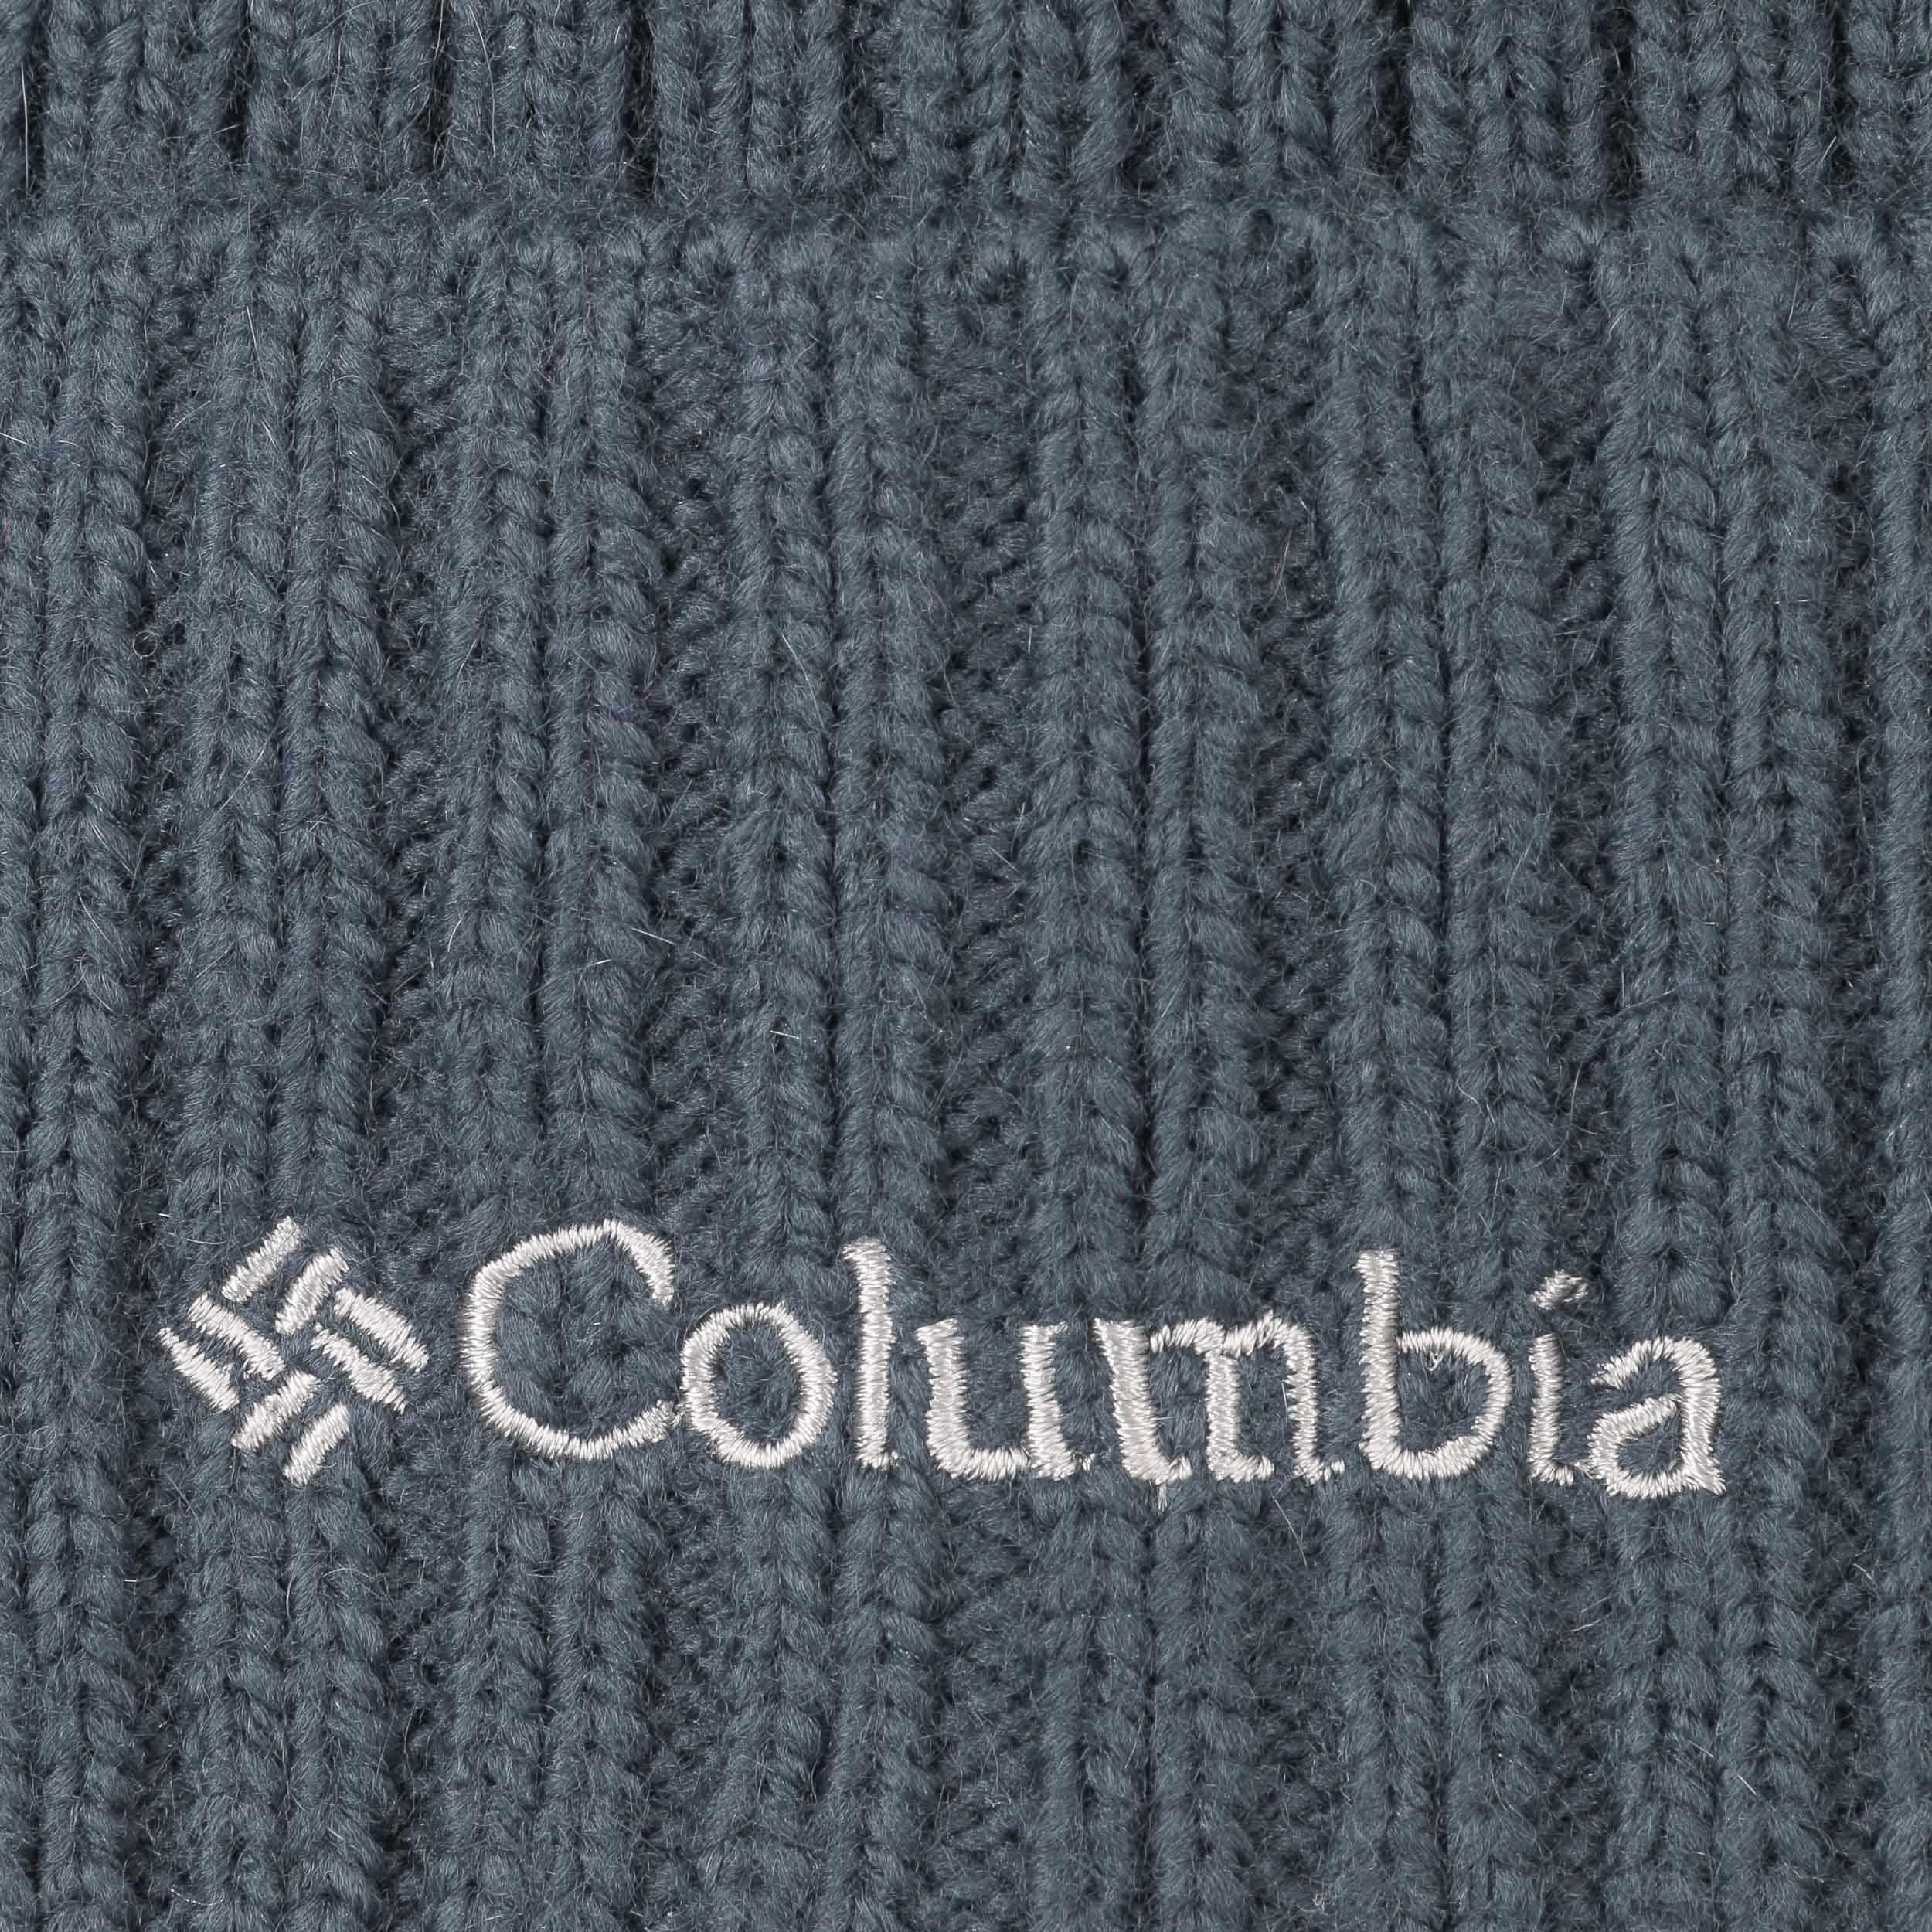 ... Watch Cap II Beanie by Columbia - blue 2 ... 203278a8a09